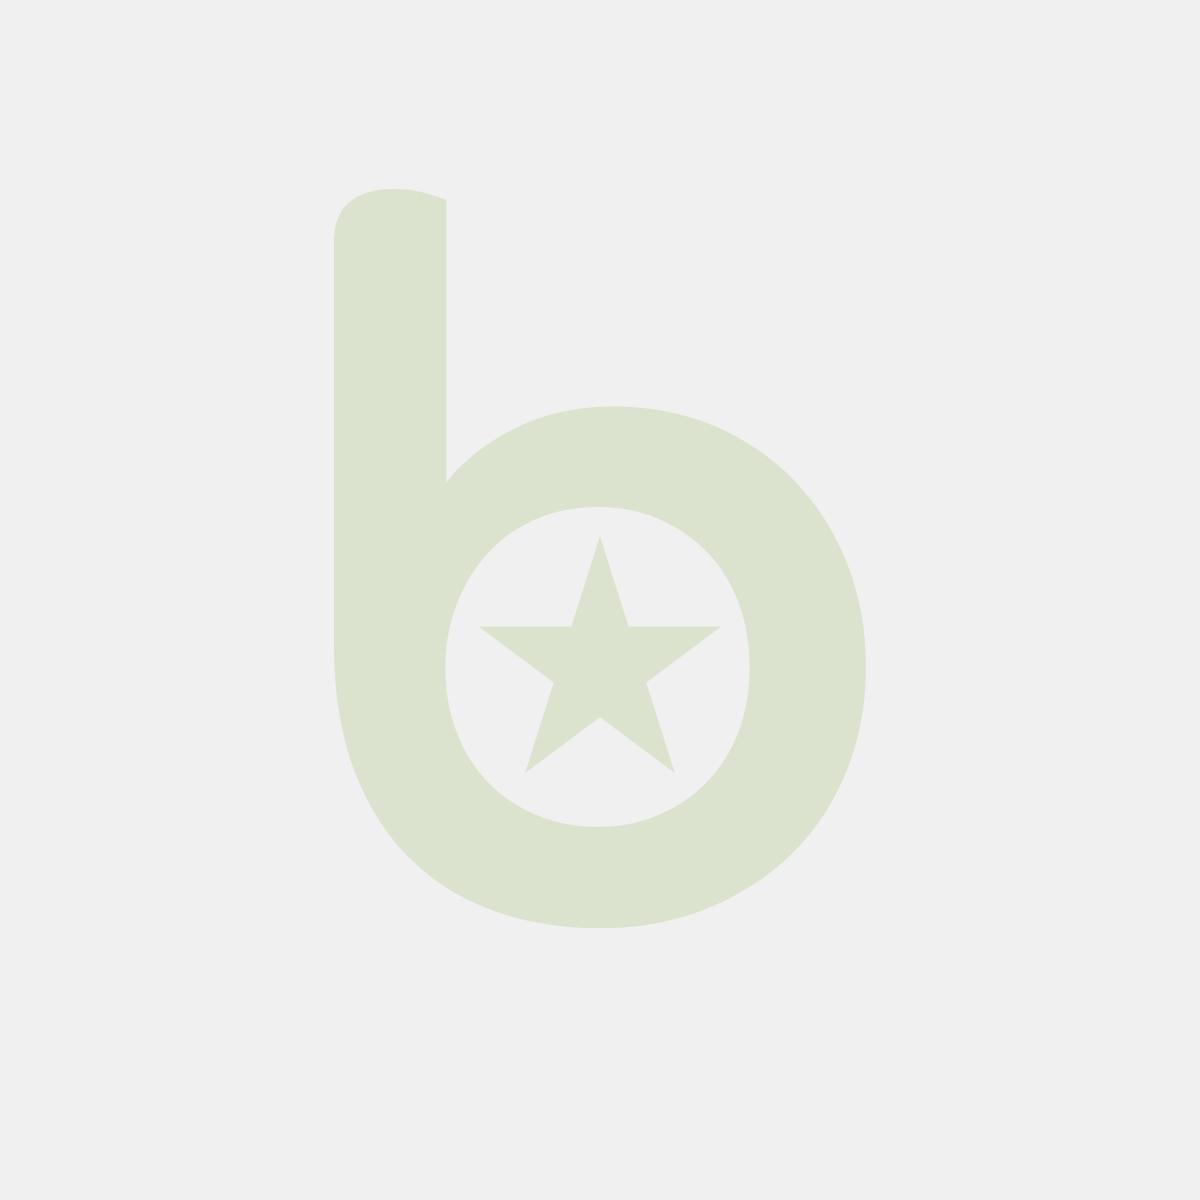 FINGERFOOD - miseczka DROP2 biała 10x9x5 cm z melaminy